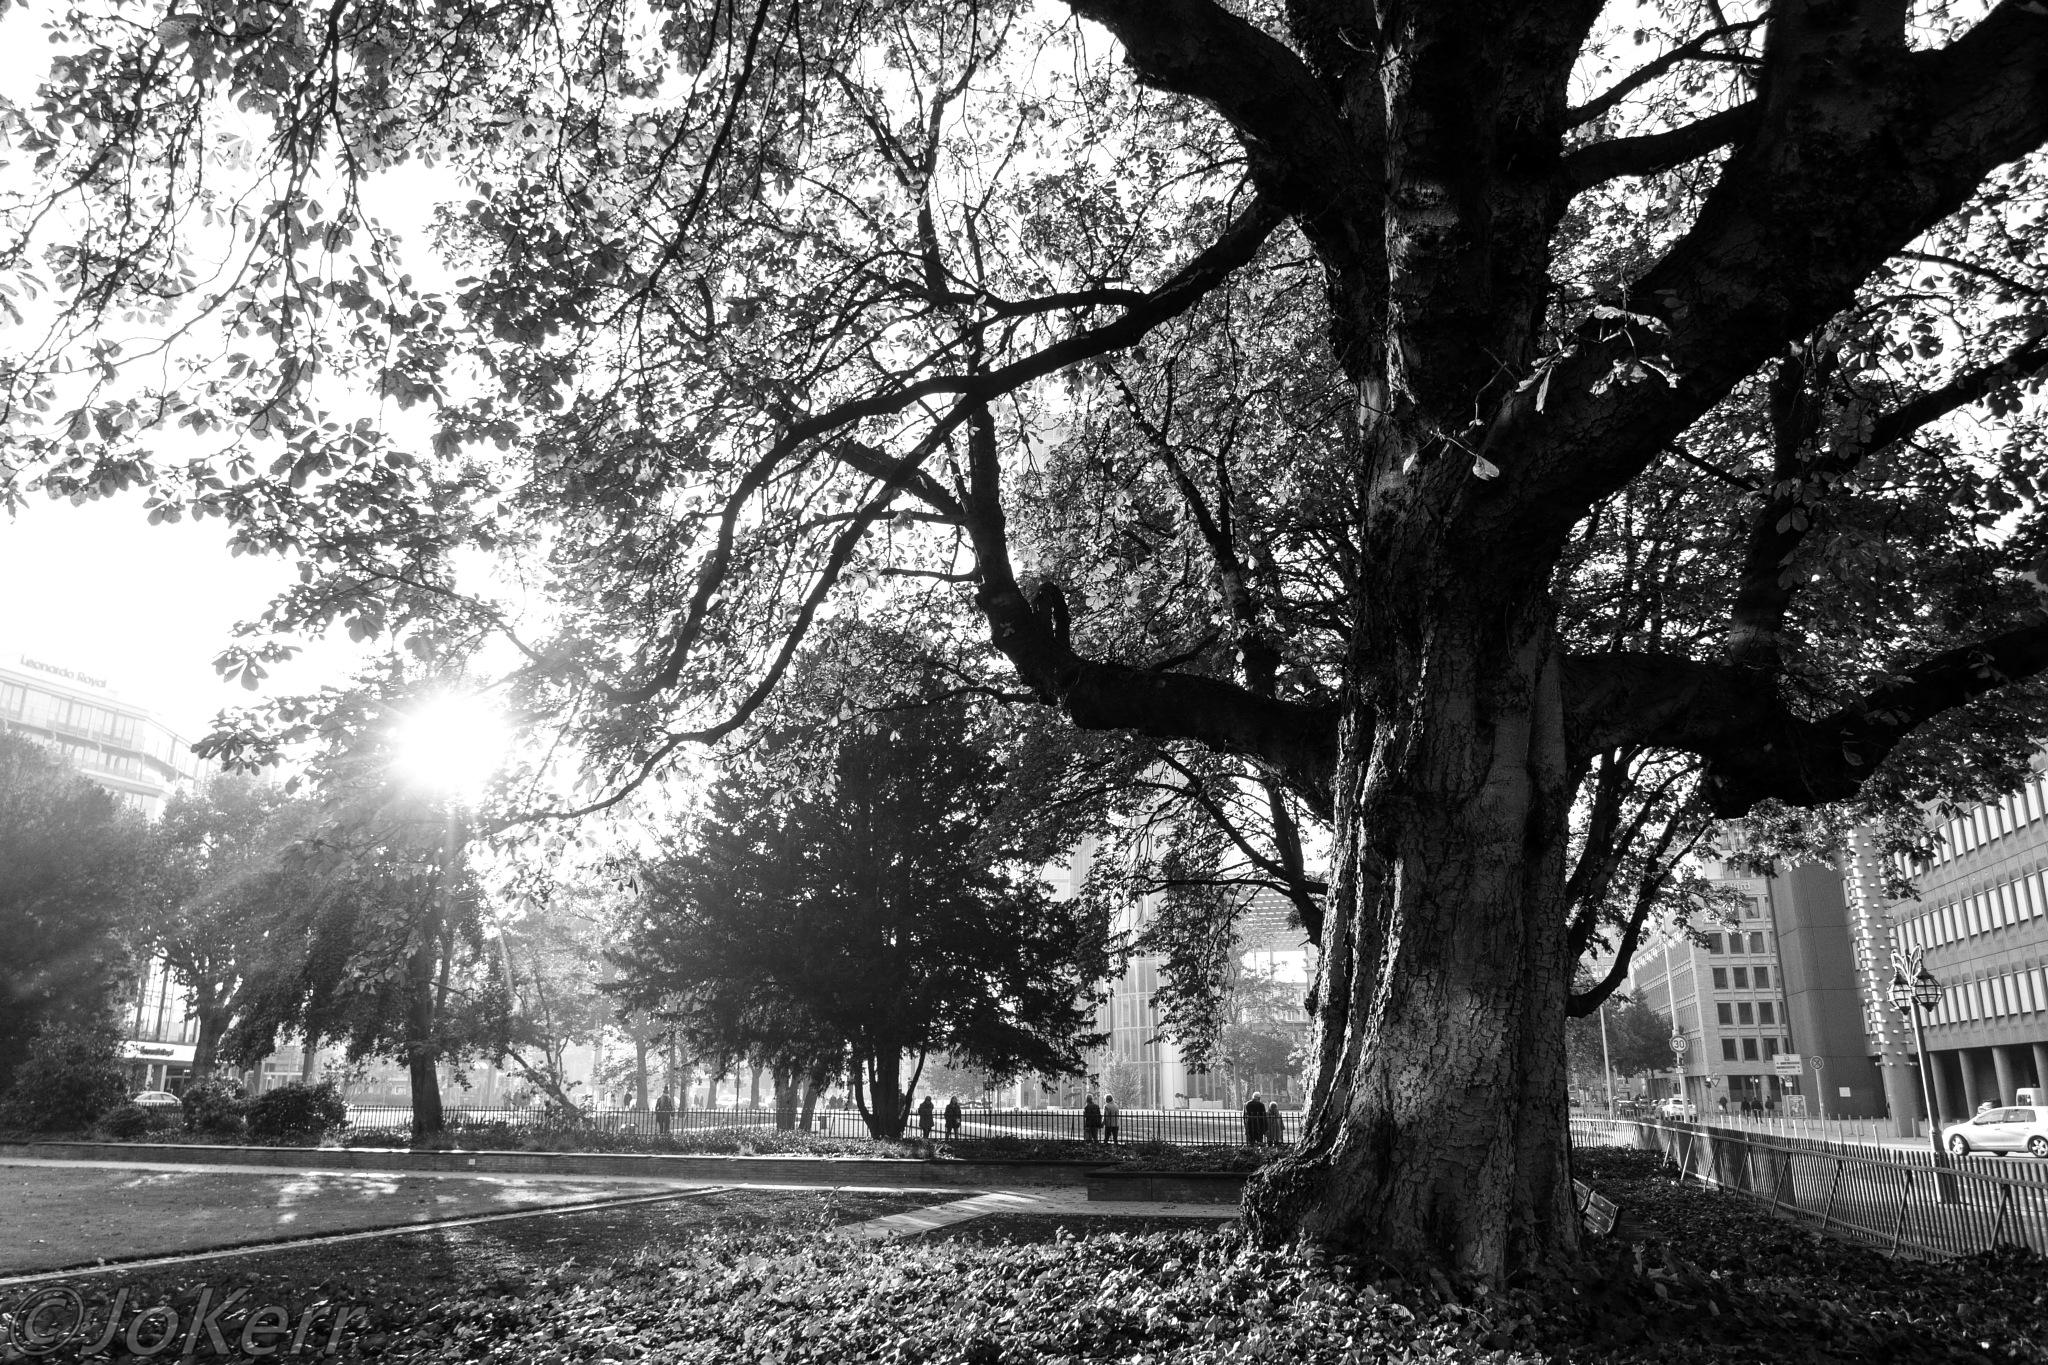 Old Tree by Jo Kerr